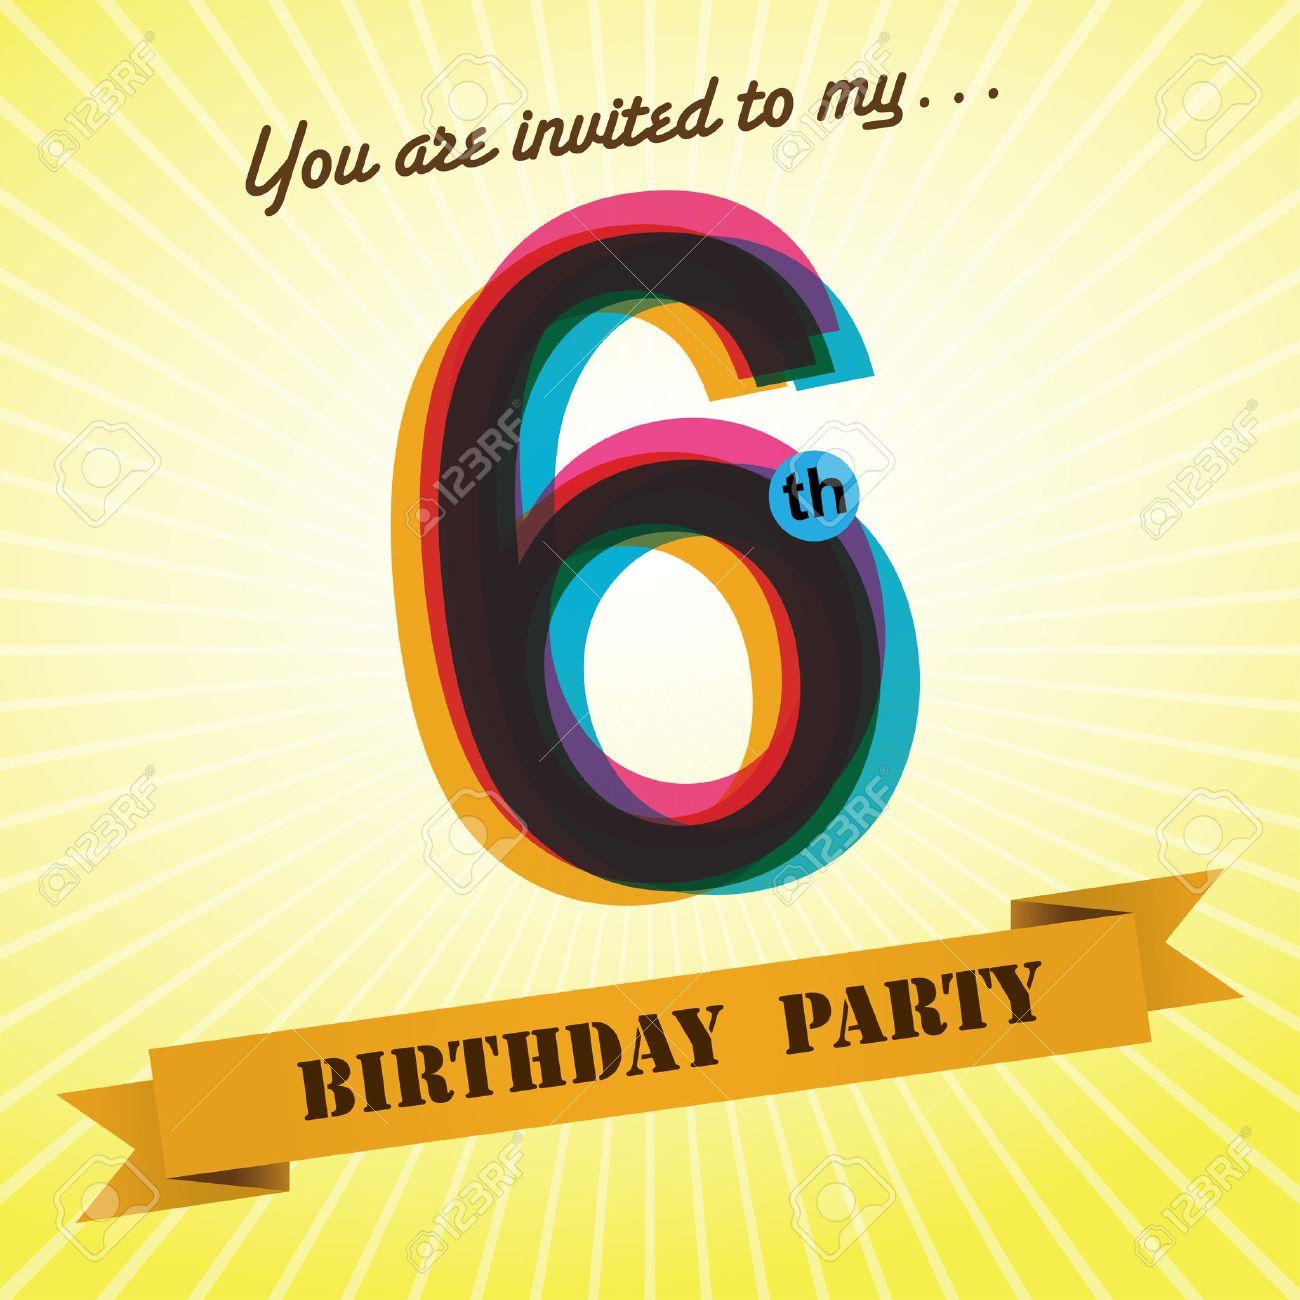 6th birthday party invite template design retro style vector 6th birthday party invite template design retro style vector stock vector 27373599